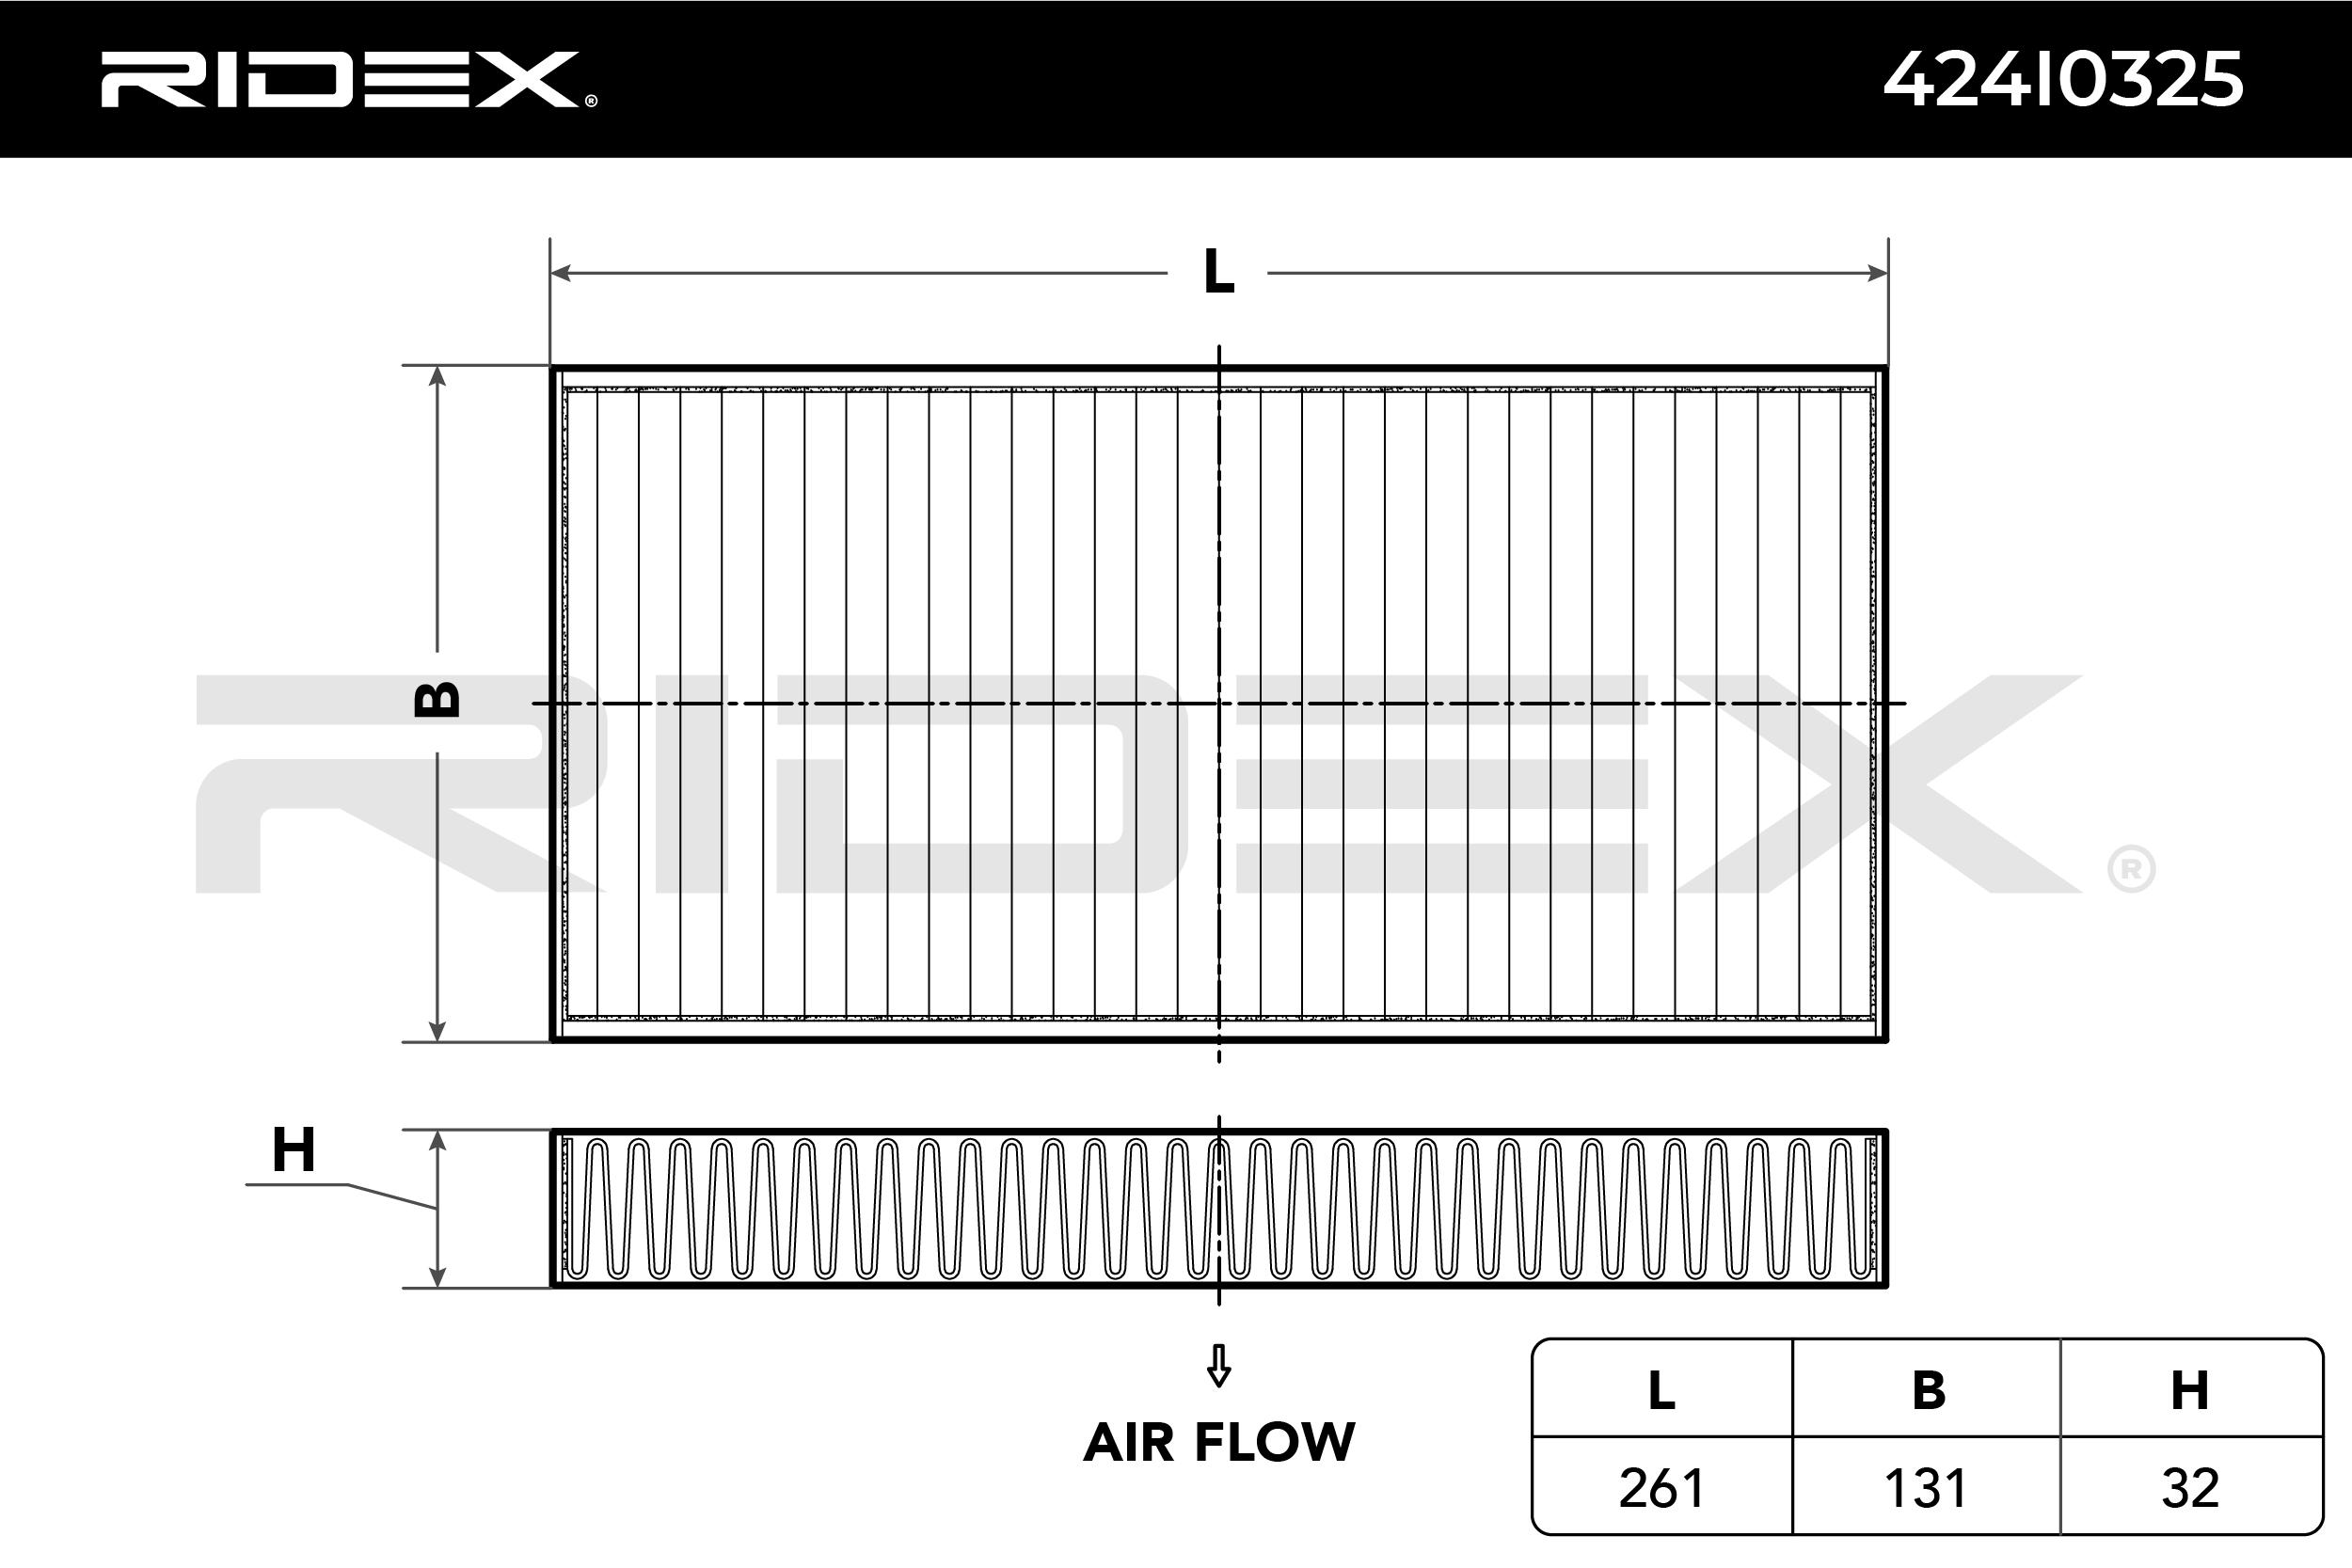 RENAULT LAGUNA 2015 Heizung fürs Auto - Original RIDEX 424I0325 Breite: 131mm, Höhe: 32mm, Länge: 261mm